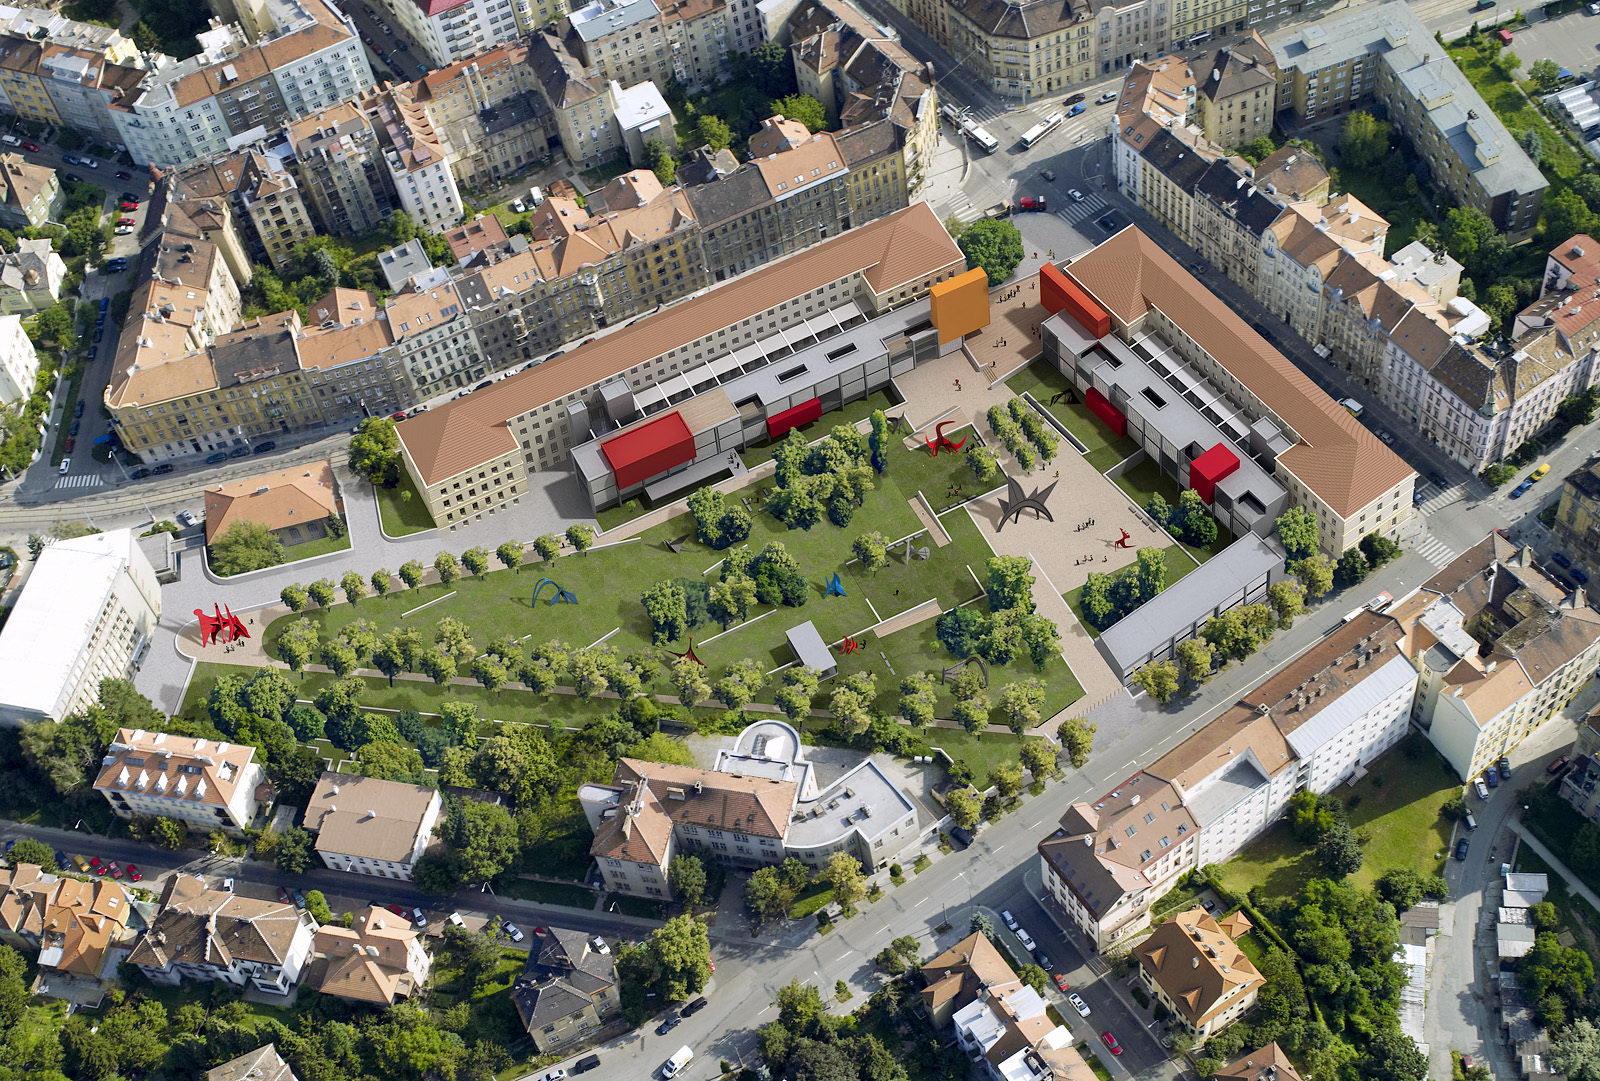 VUT | areál fakult architektury a výtvarných umění | Brno | 02